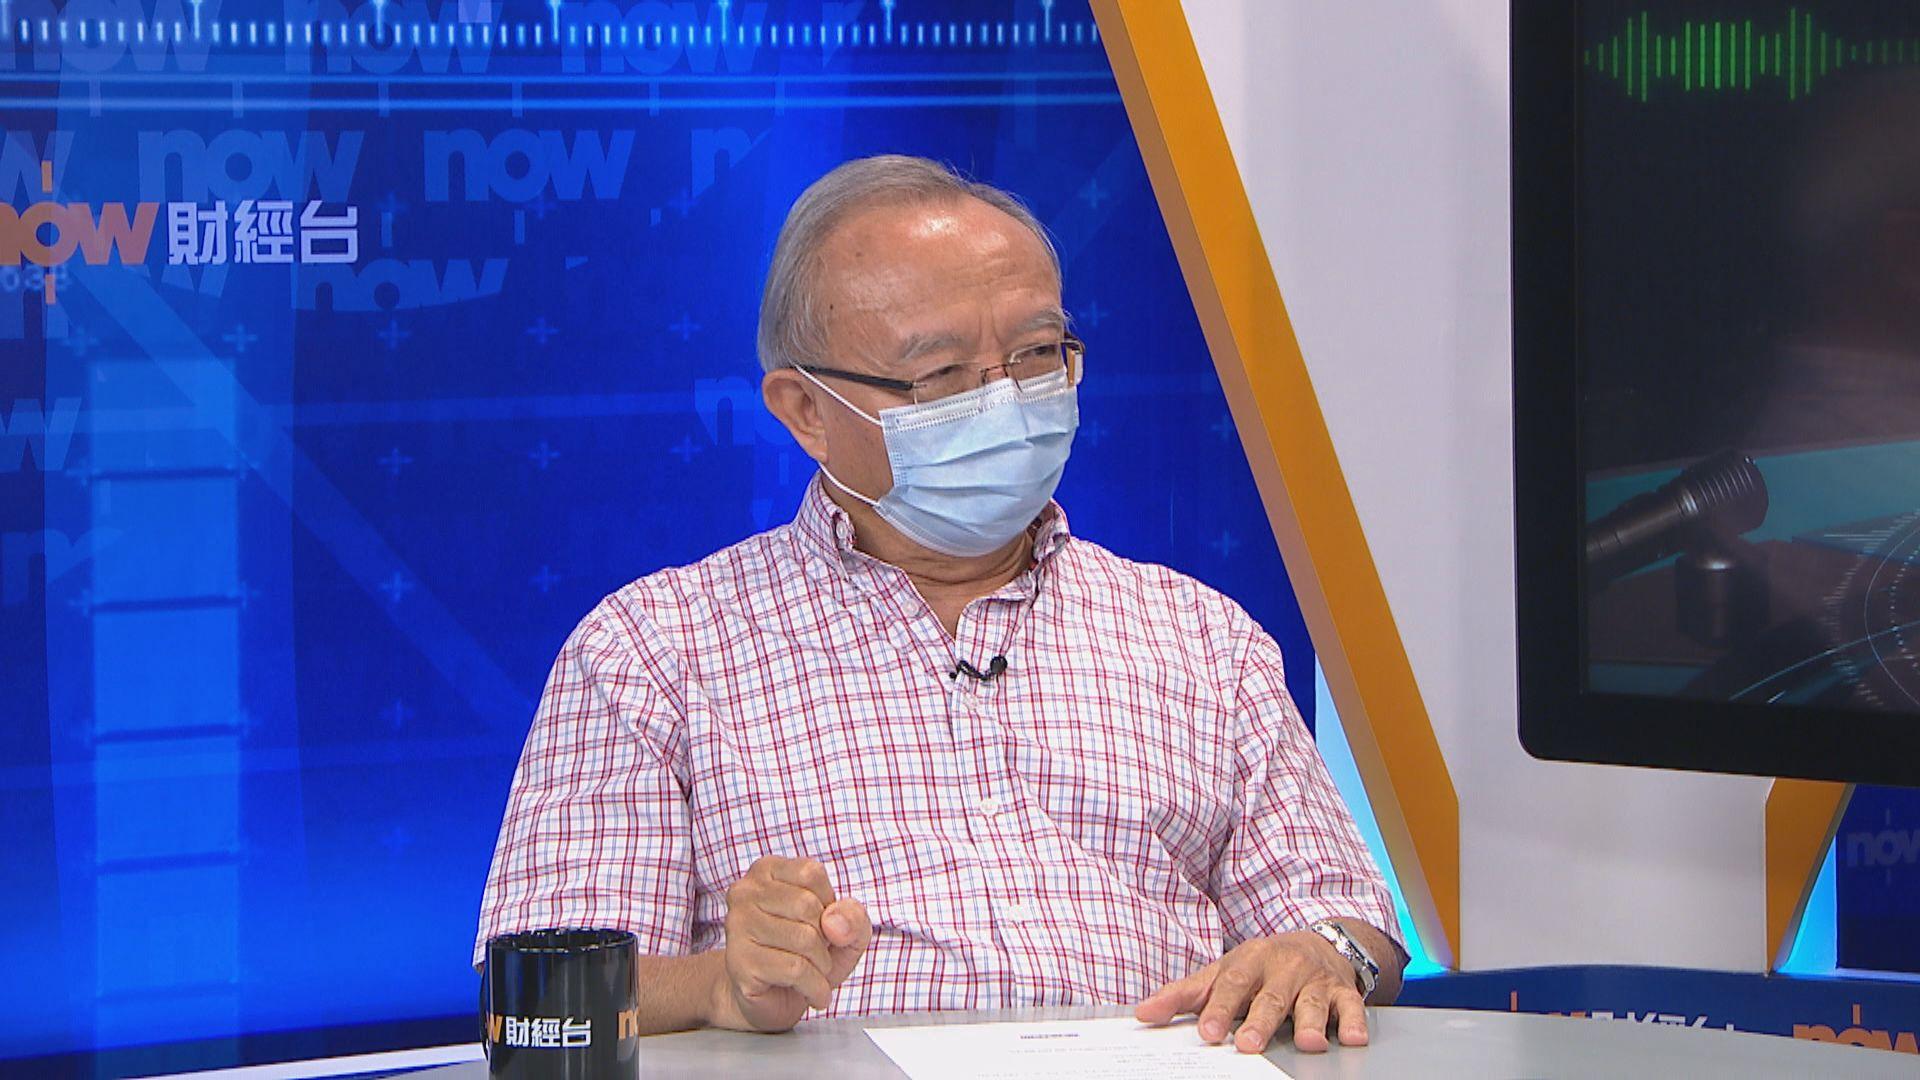 劉兆佳:中美關係緊張 或為中央挑選特區官員添顧慮